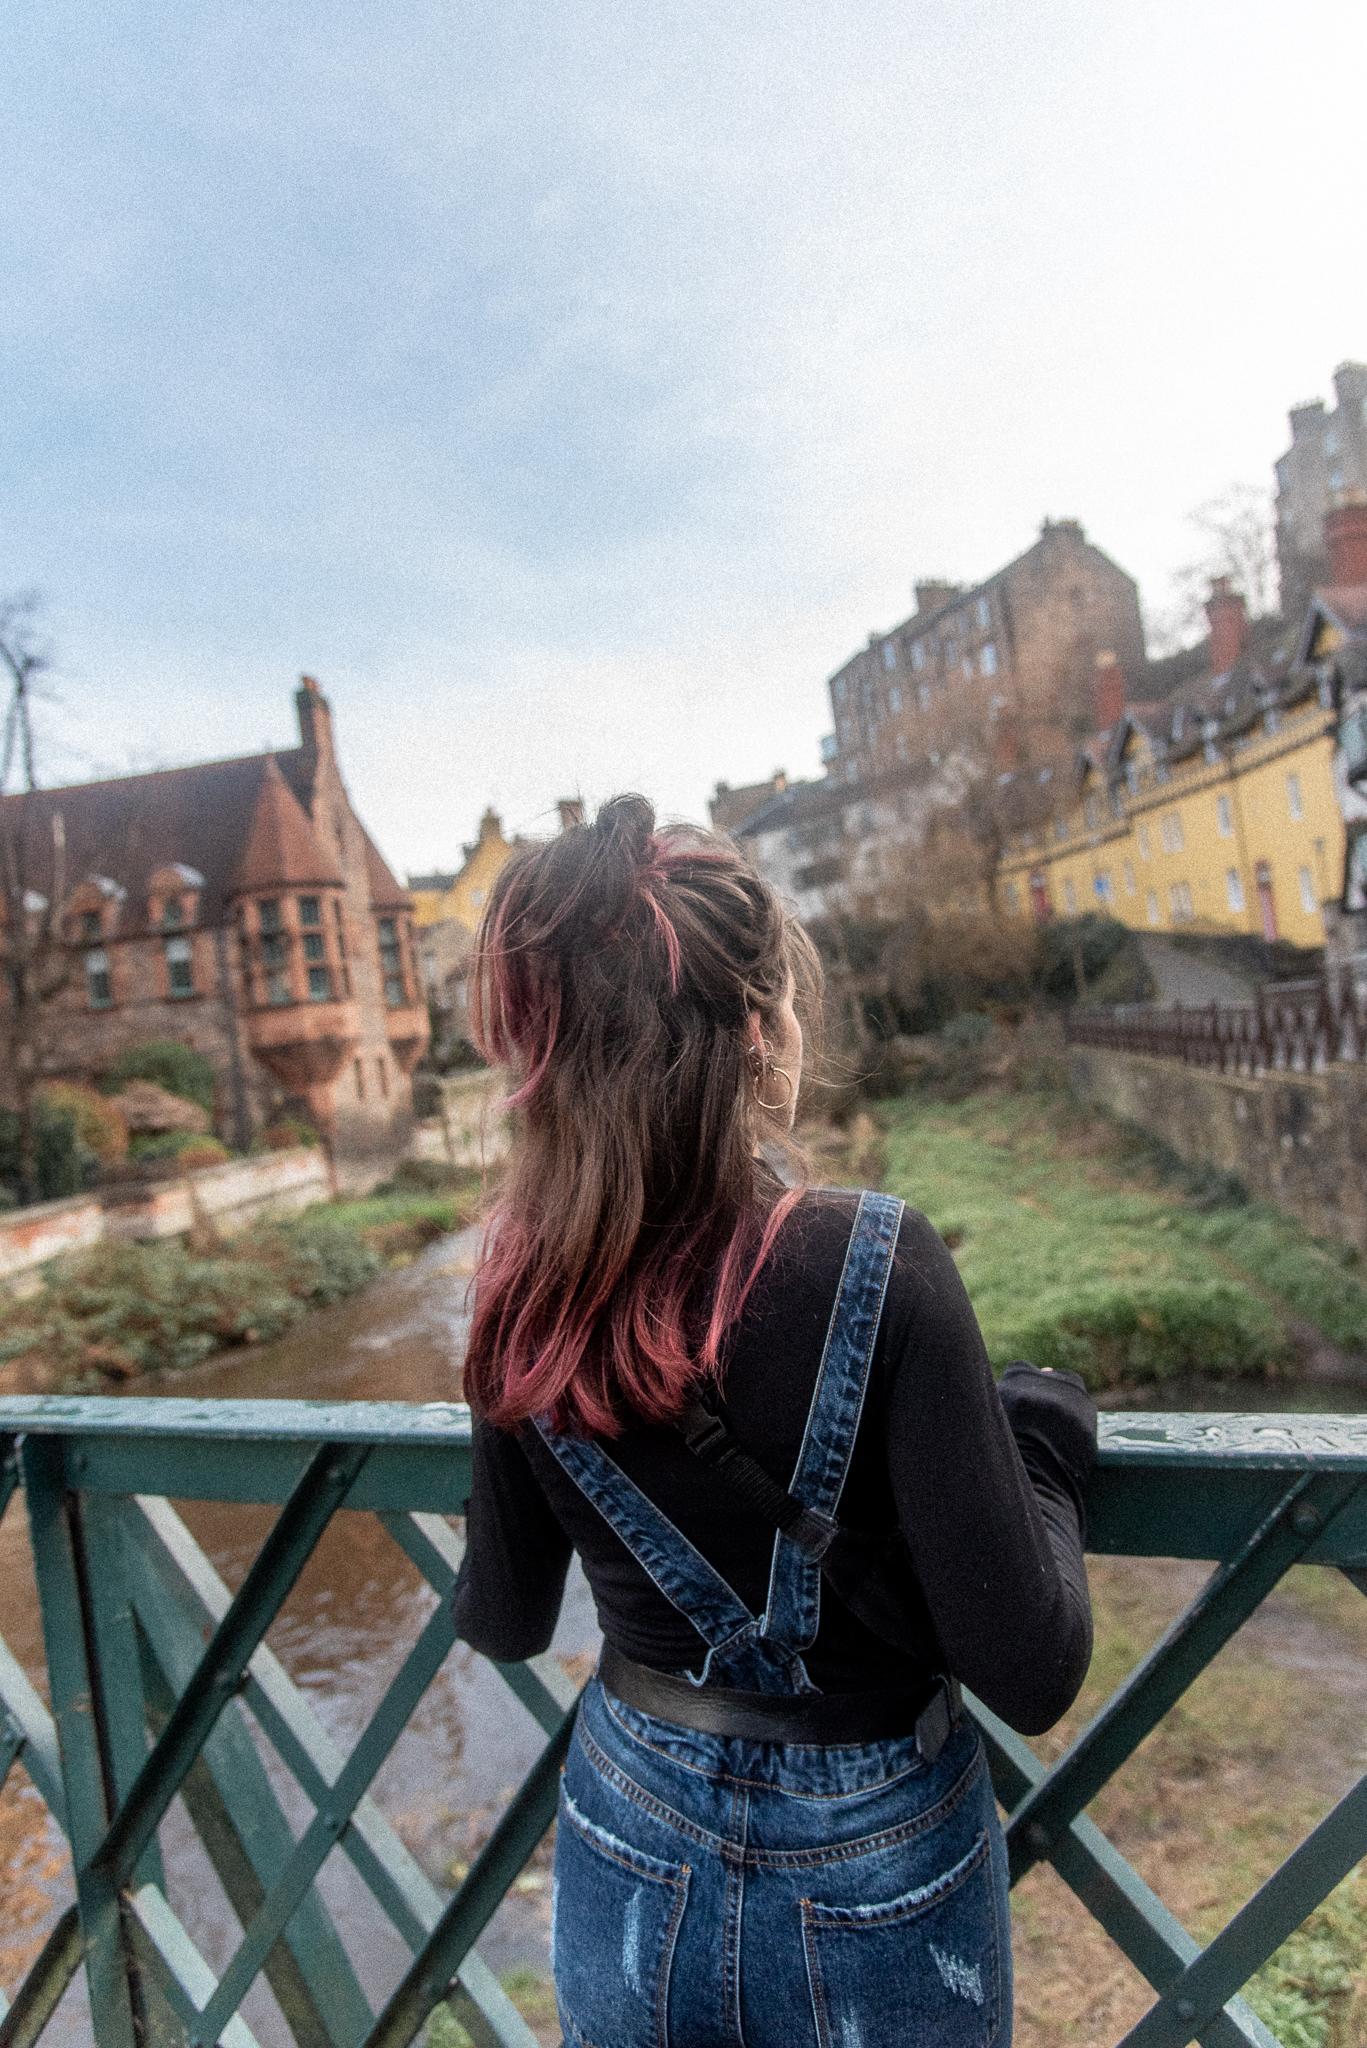 edinburgh, scotland, dean village, architecture, me, instagram